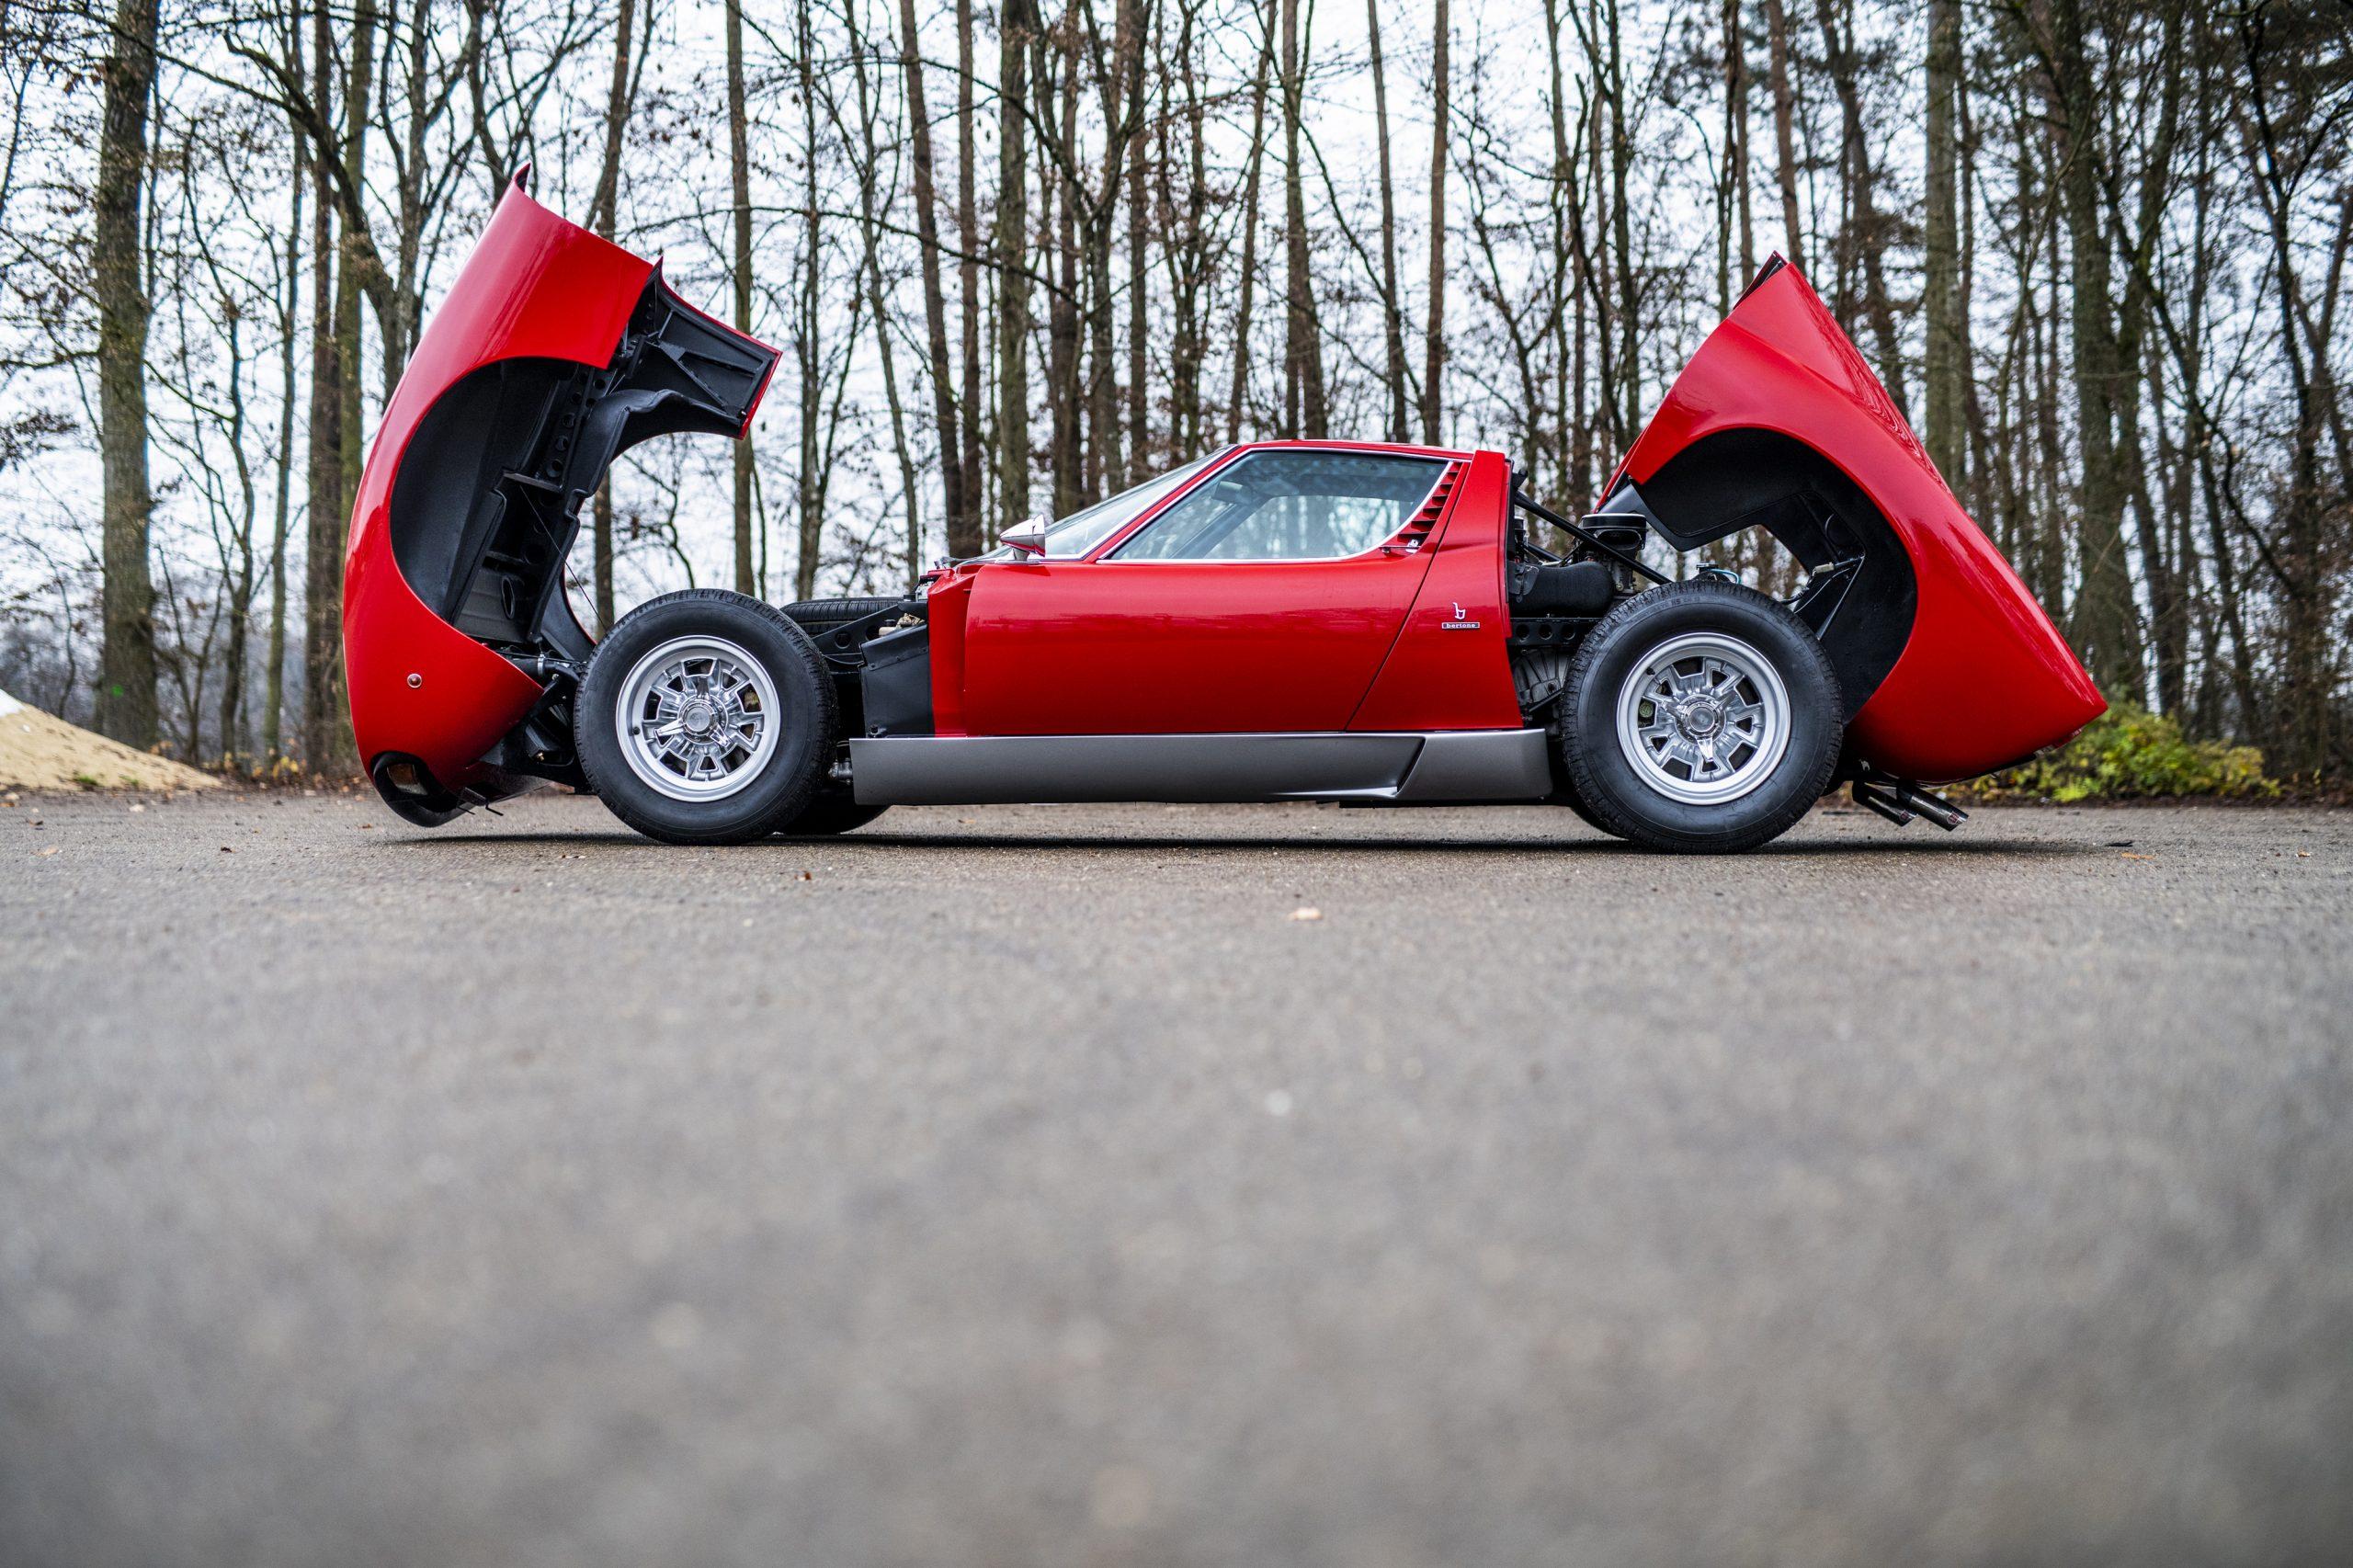 1971 Lamborghini Miura P400 SV by Bertone side profile opened